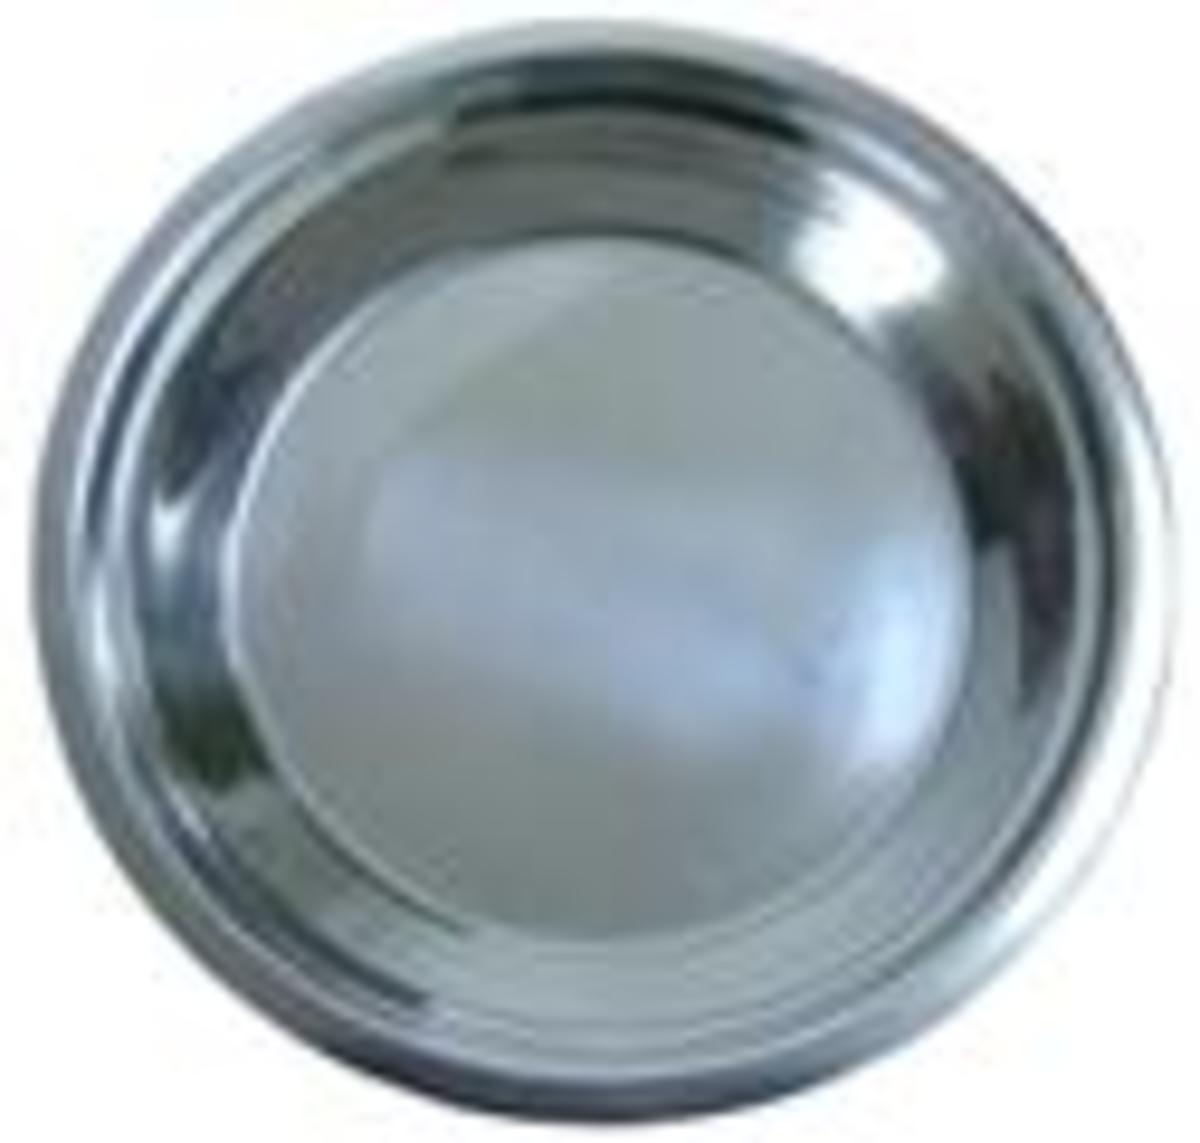 Stainless Pie Pan